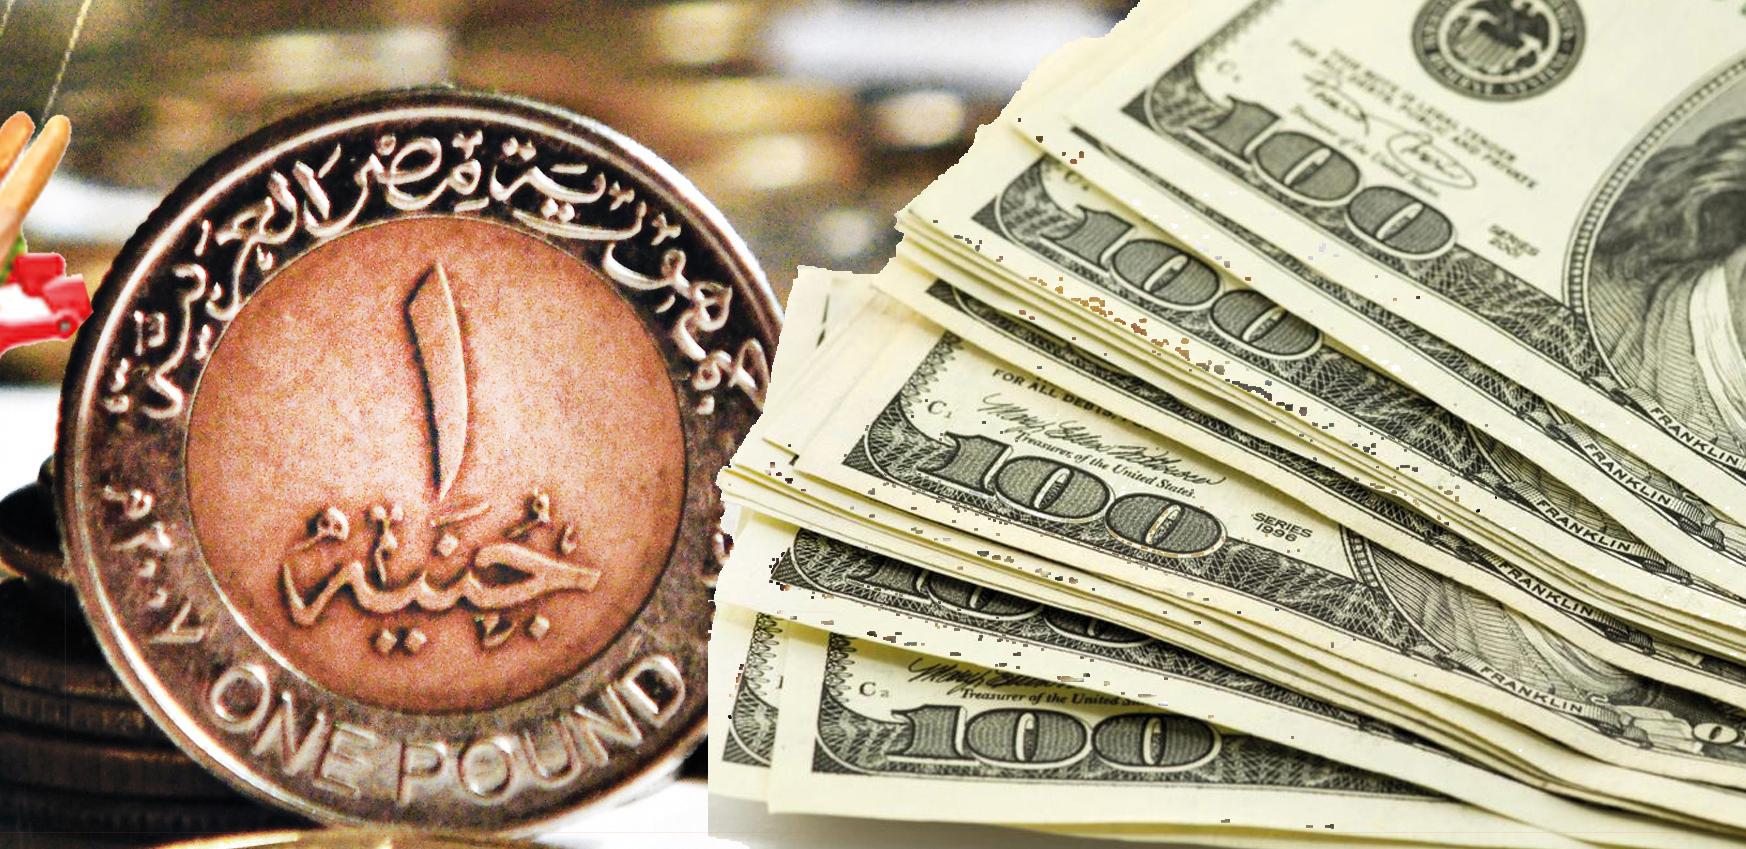 تحركات جديدة في سعر الدولار الآن بالبنوك تماشياً مع مؤشرات البنك المركزي لأسعار الدولار الأمريكي 19